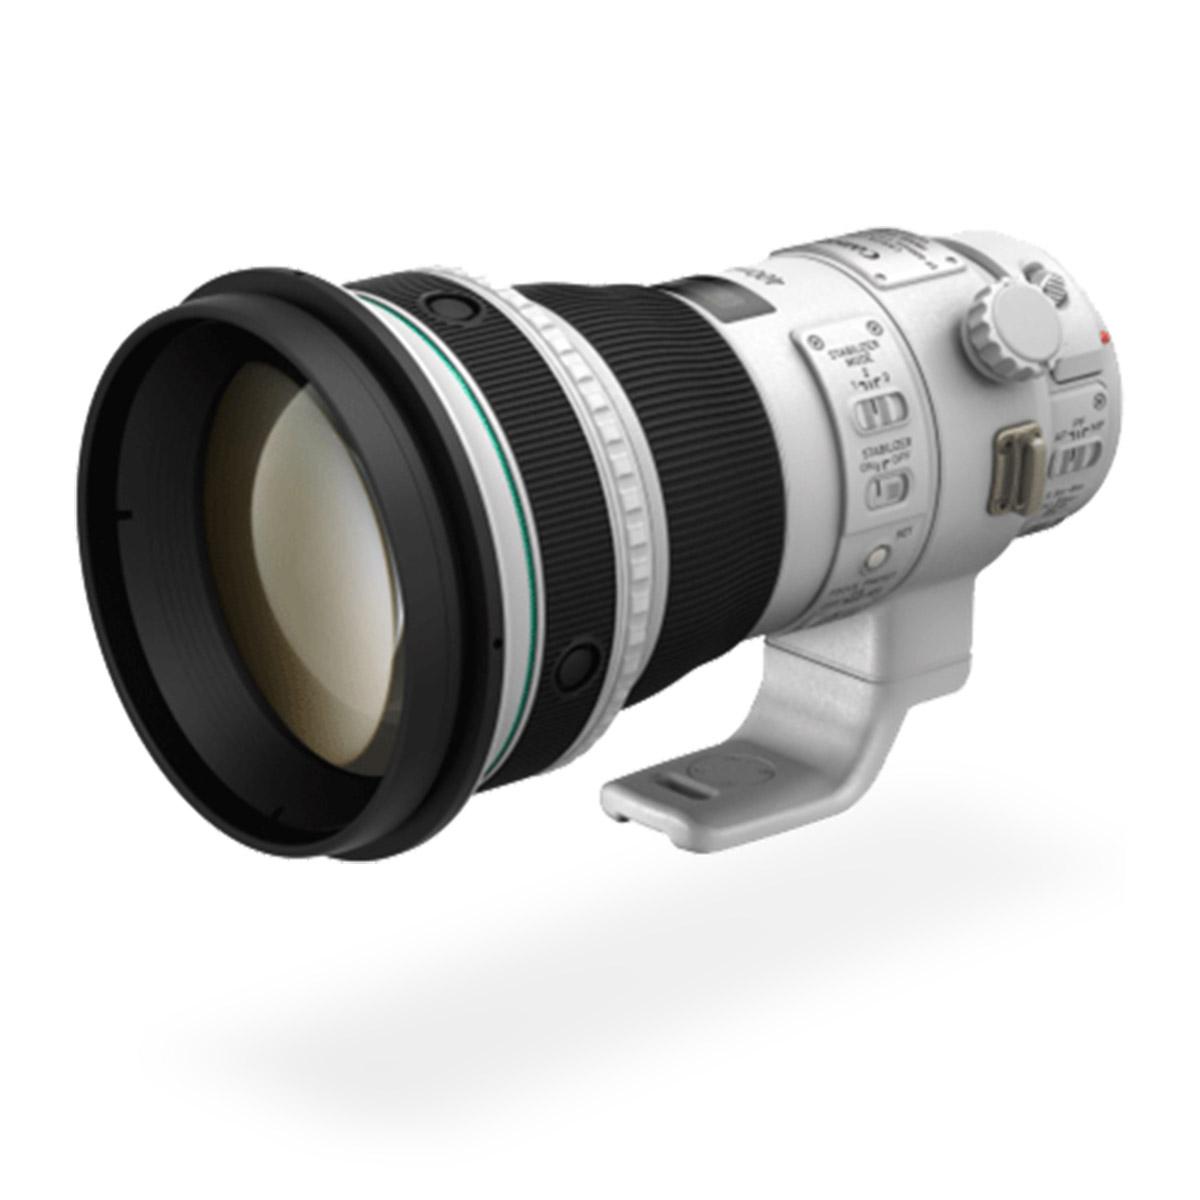 EF 400mm f/4 DO IS II USM lens